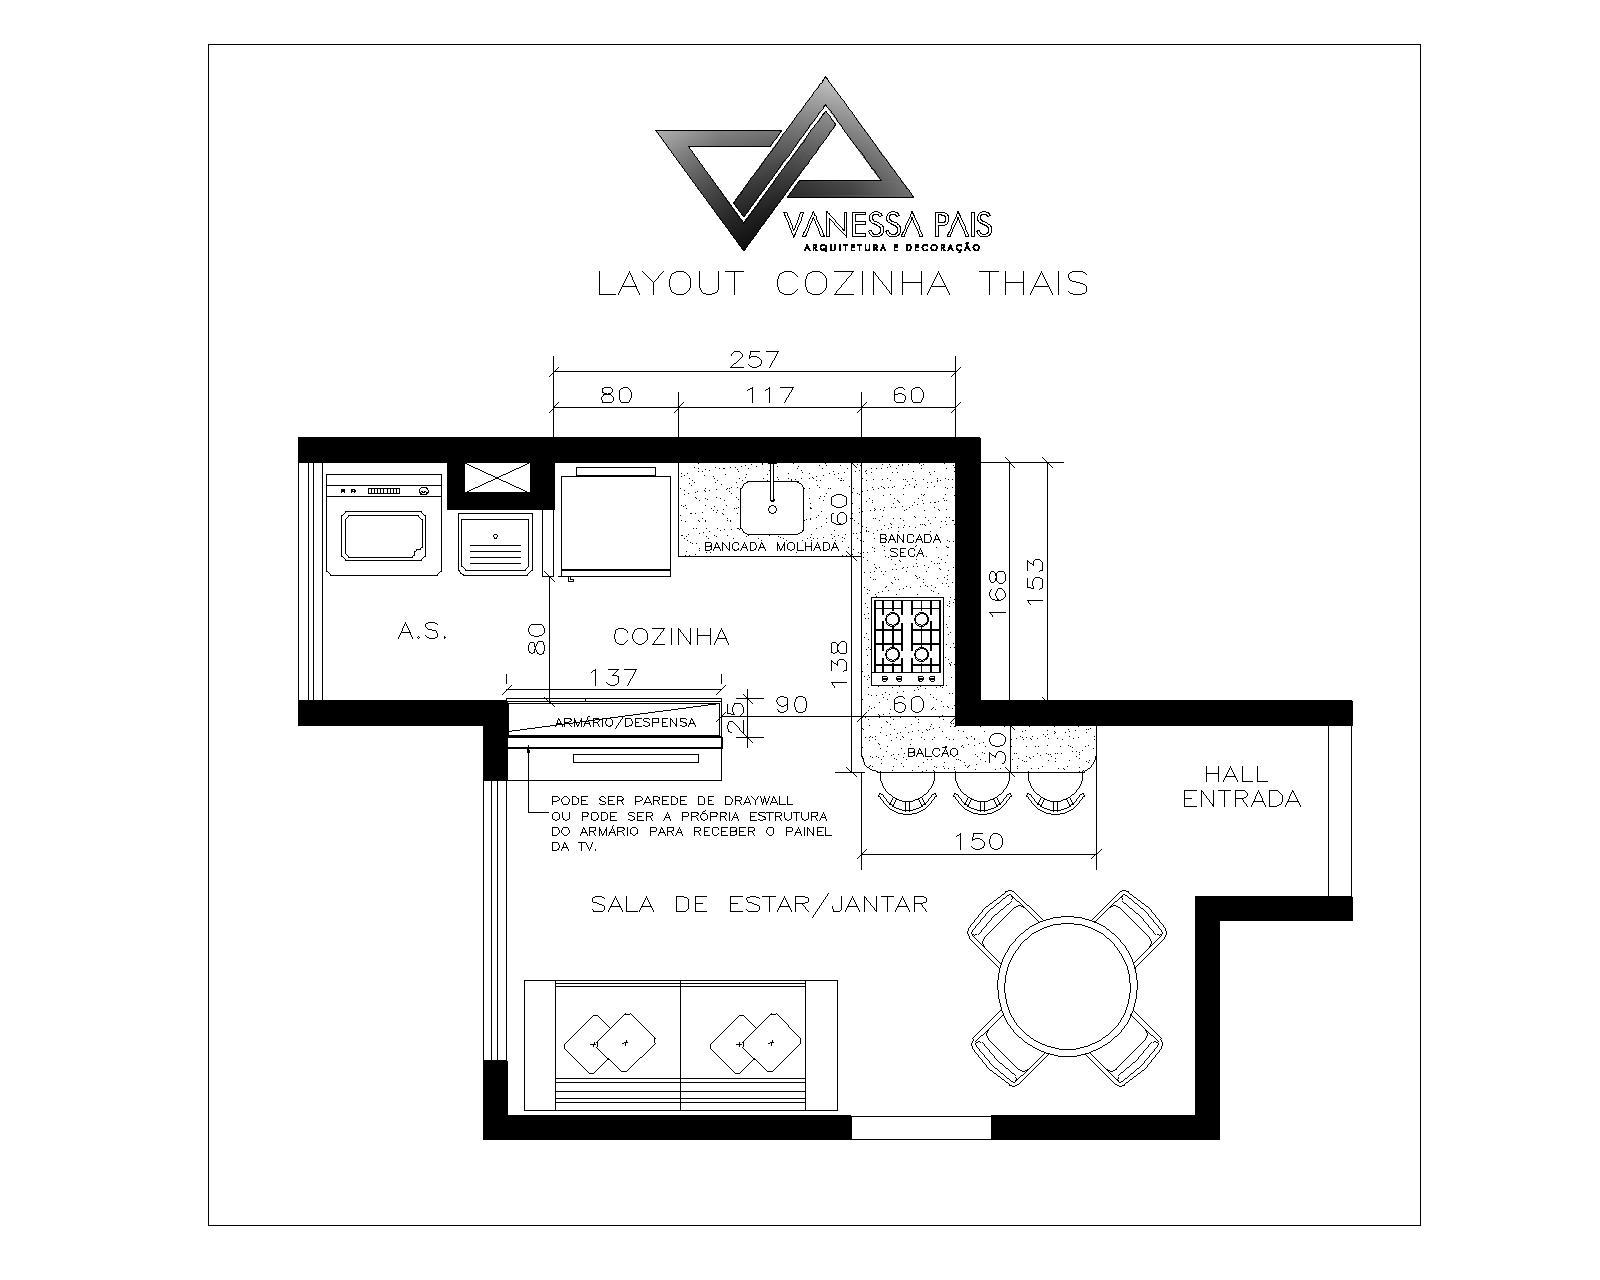 Layout De Cozinha Projeto Cozinha Restaurante Pequeno Layout